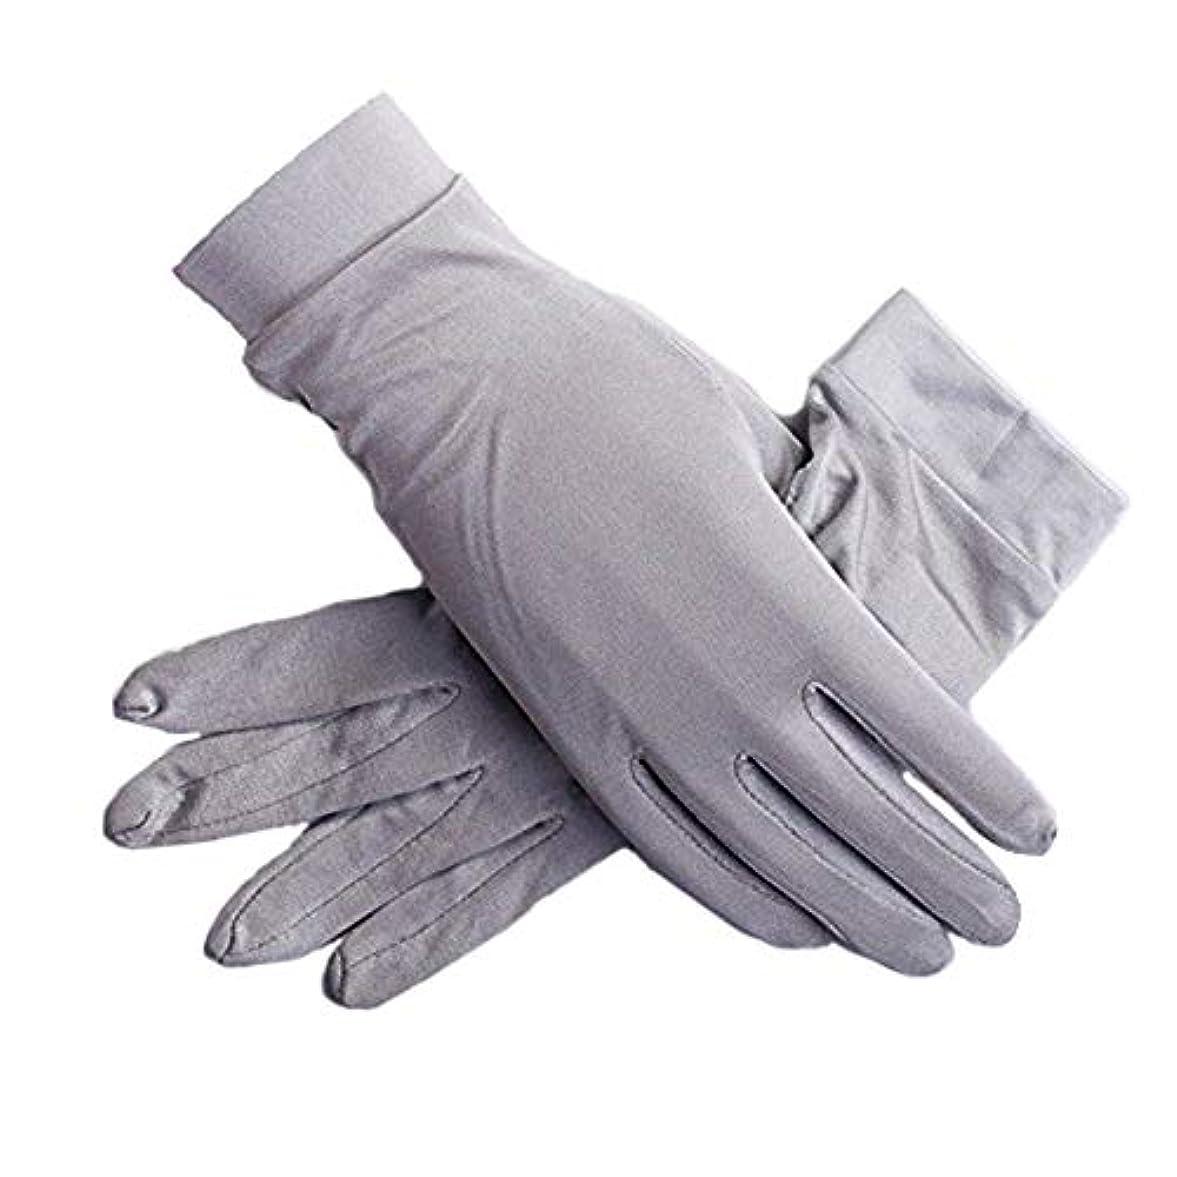 規定セイはさておき透けるシルク手袋 手袋 シルク uvカット おやすみ 手触りが良い 紫外線 日焼け防止 手荒い 保湿 夏 ハンド